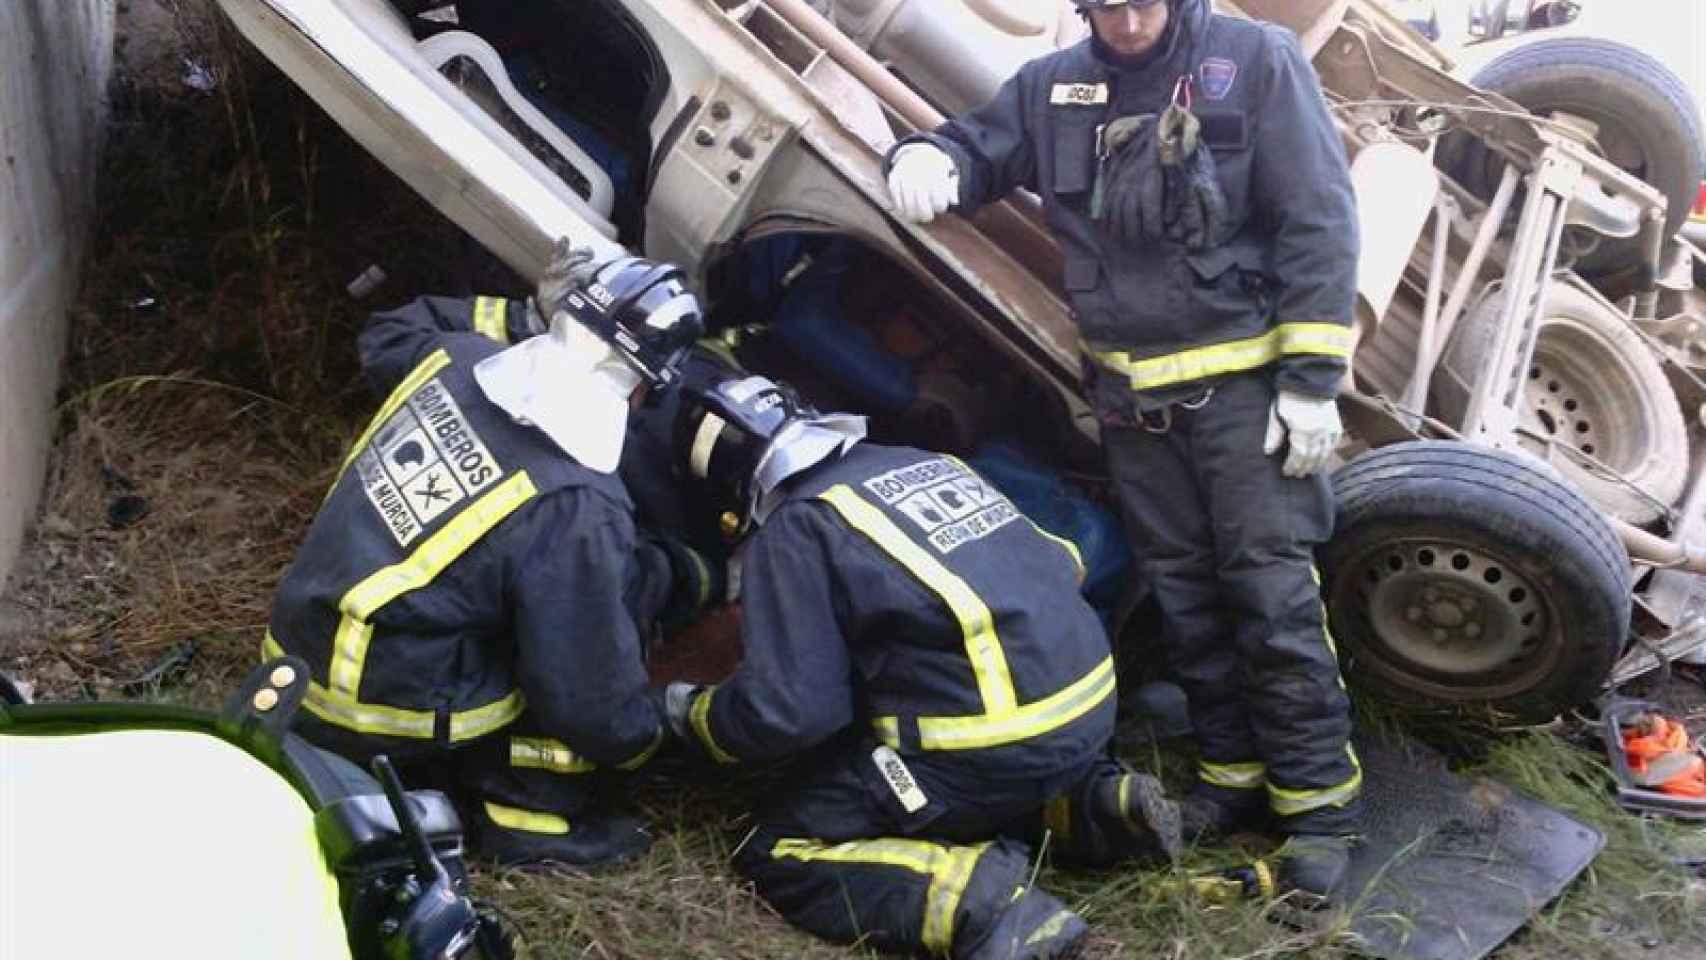 Imagen facilitada por Protección Civil del accidente producido en la autovía entre Lorca y Águilas.